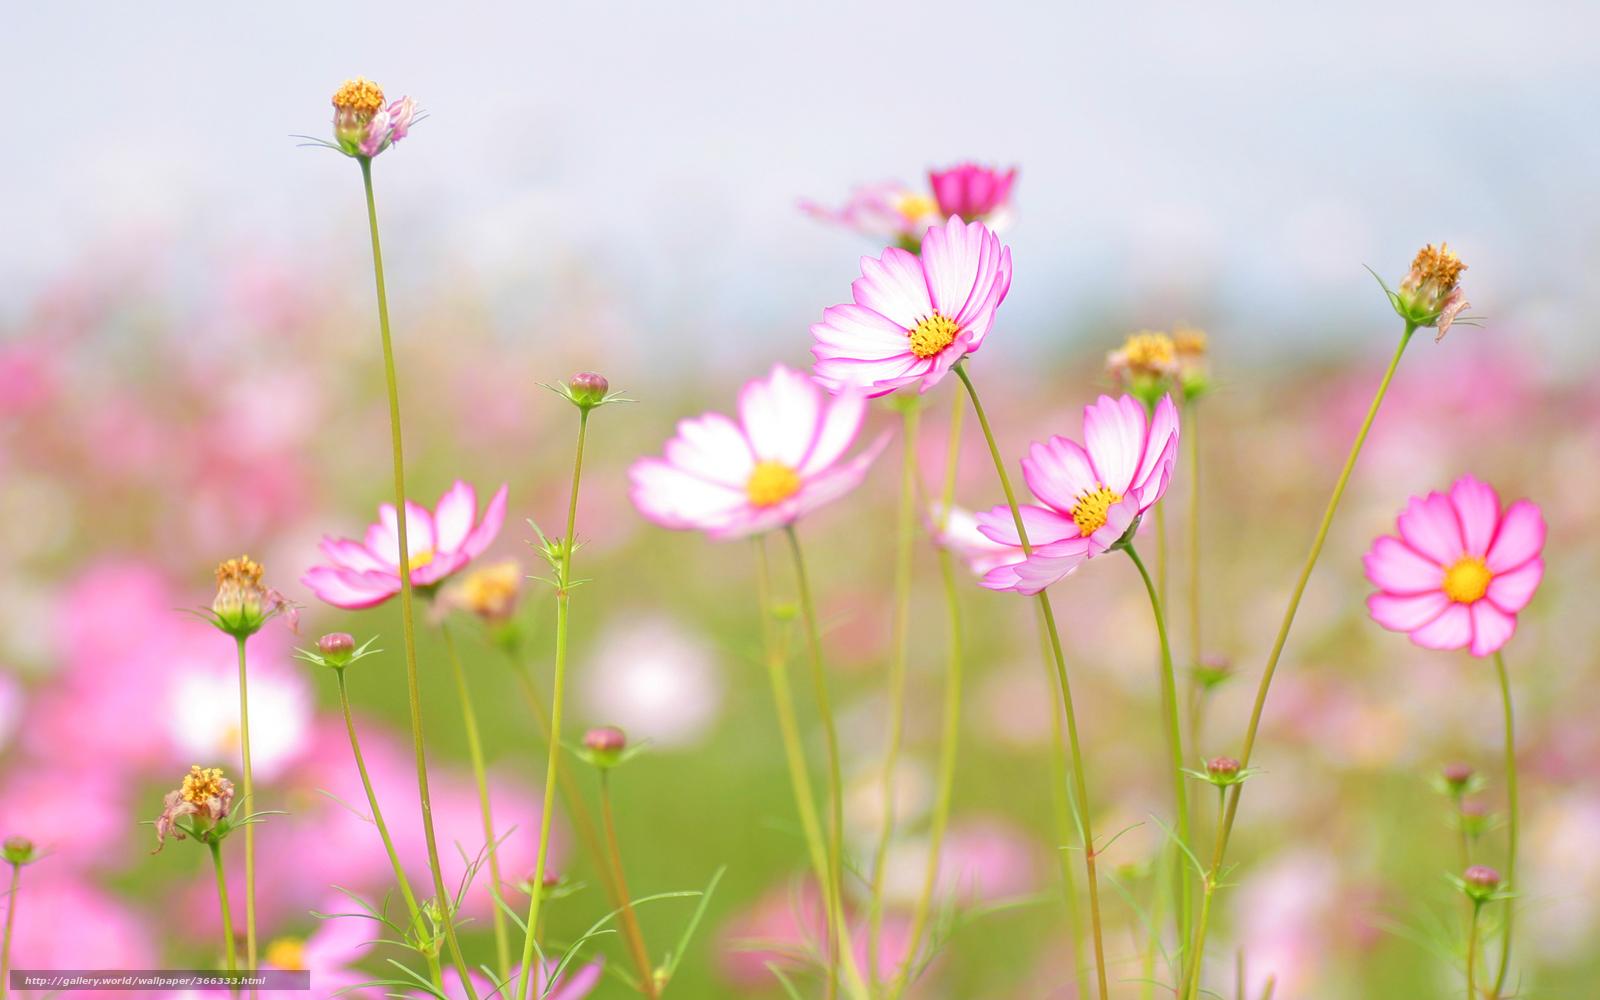 ... Frische, Blumen, Sommer №366333 / Abschnitt: Blumen / de.HallPic.com